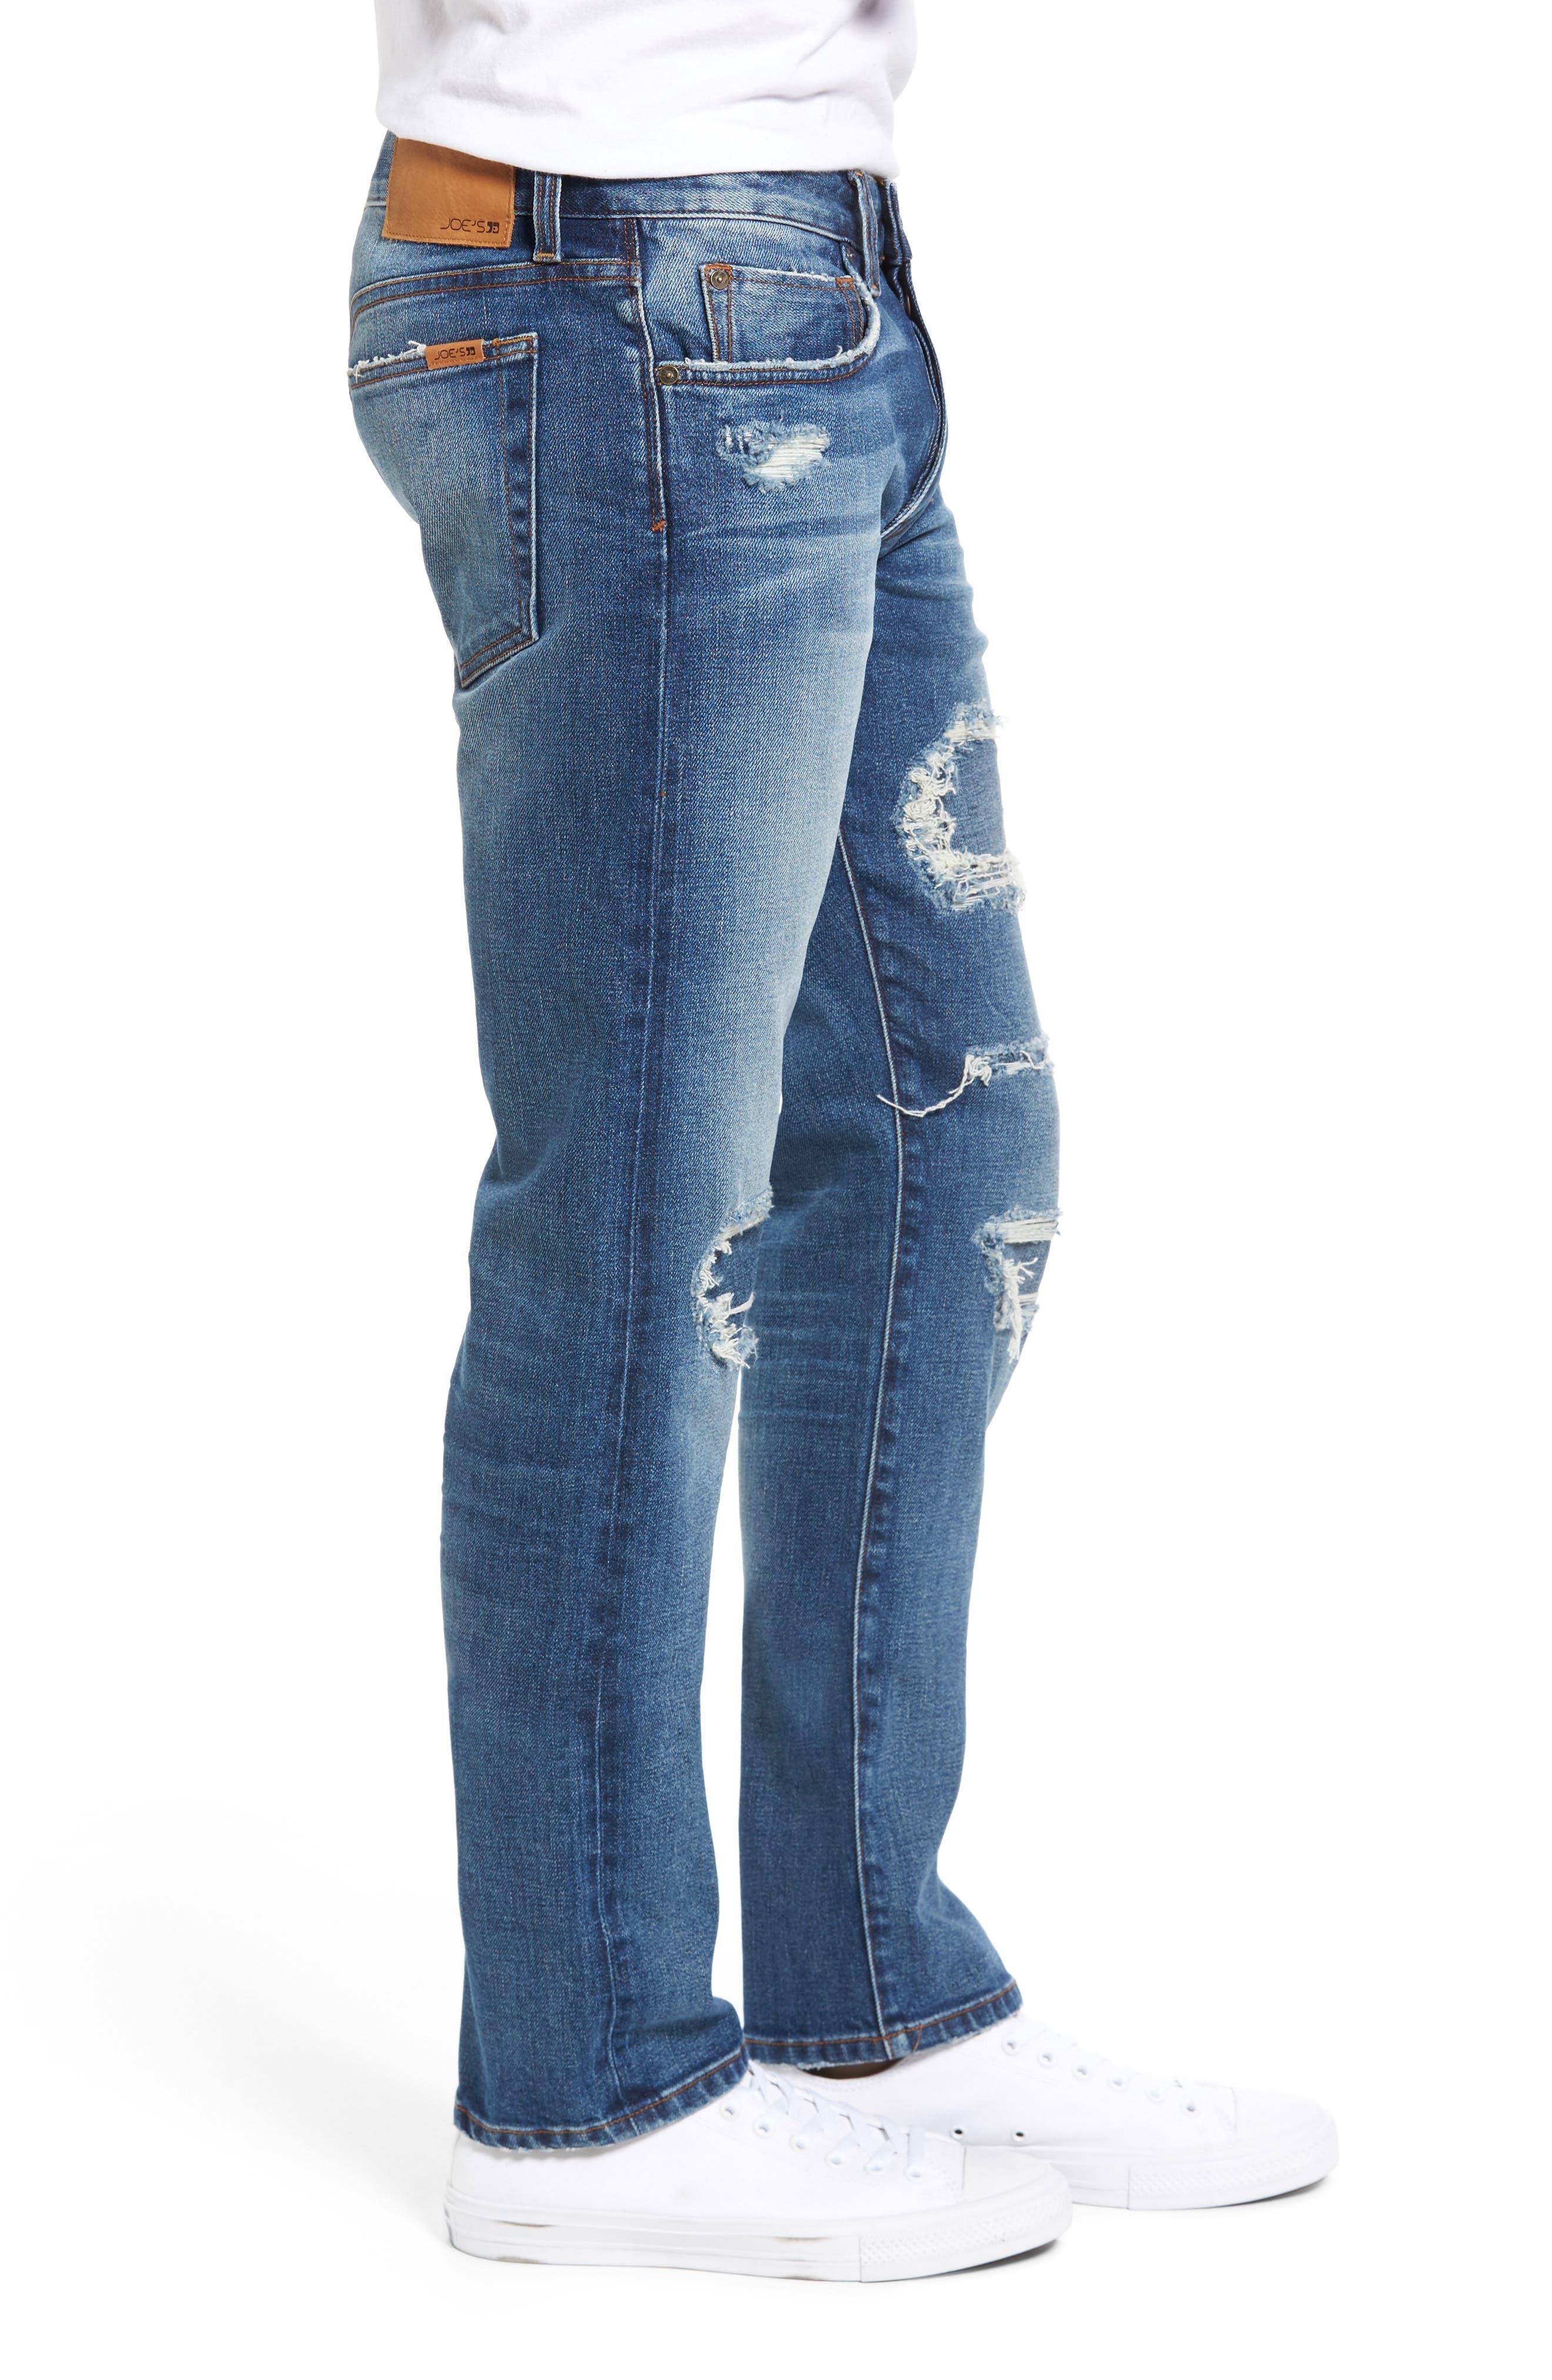 Brixton Slim Fit Jeans,                             Alternate thumbnail 3, color,                             410